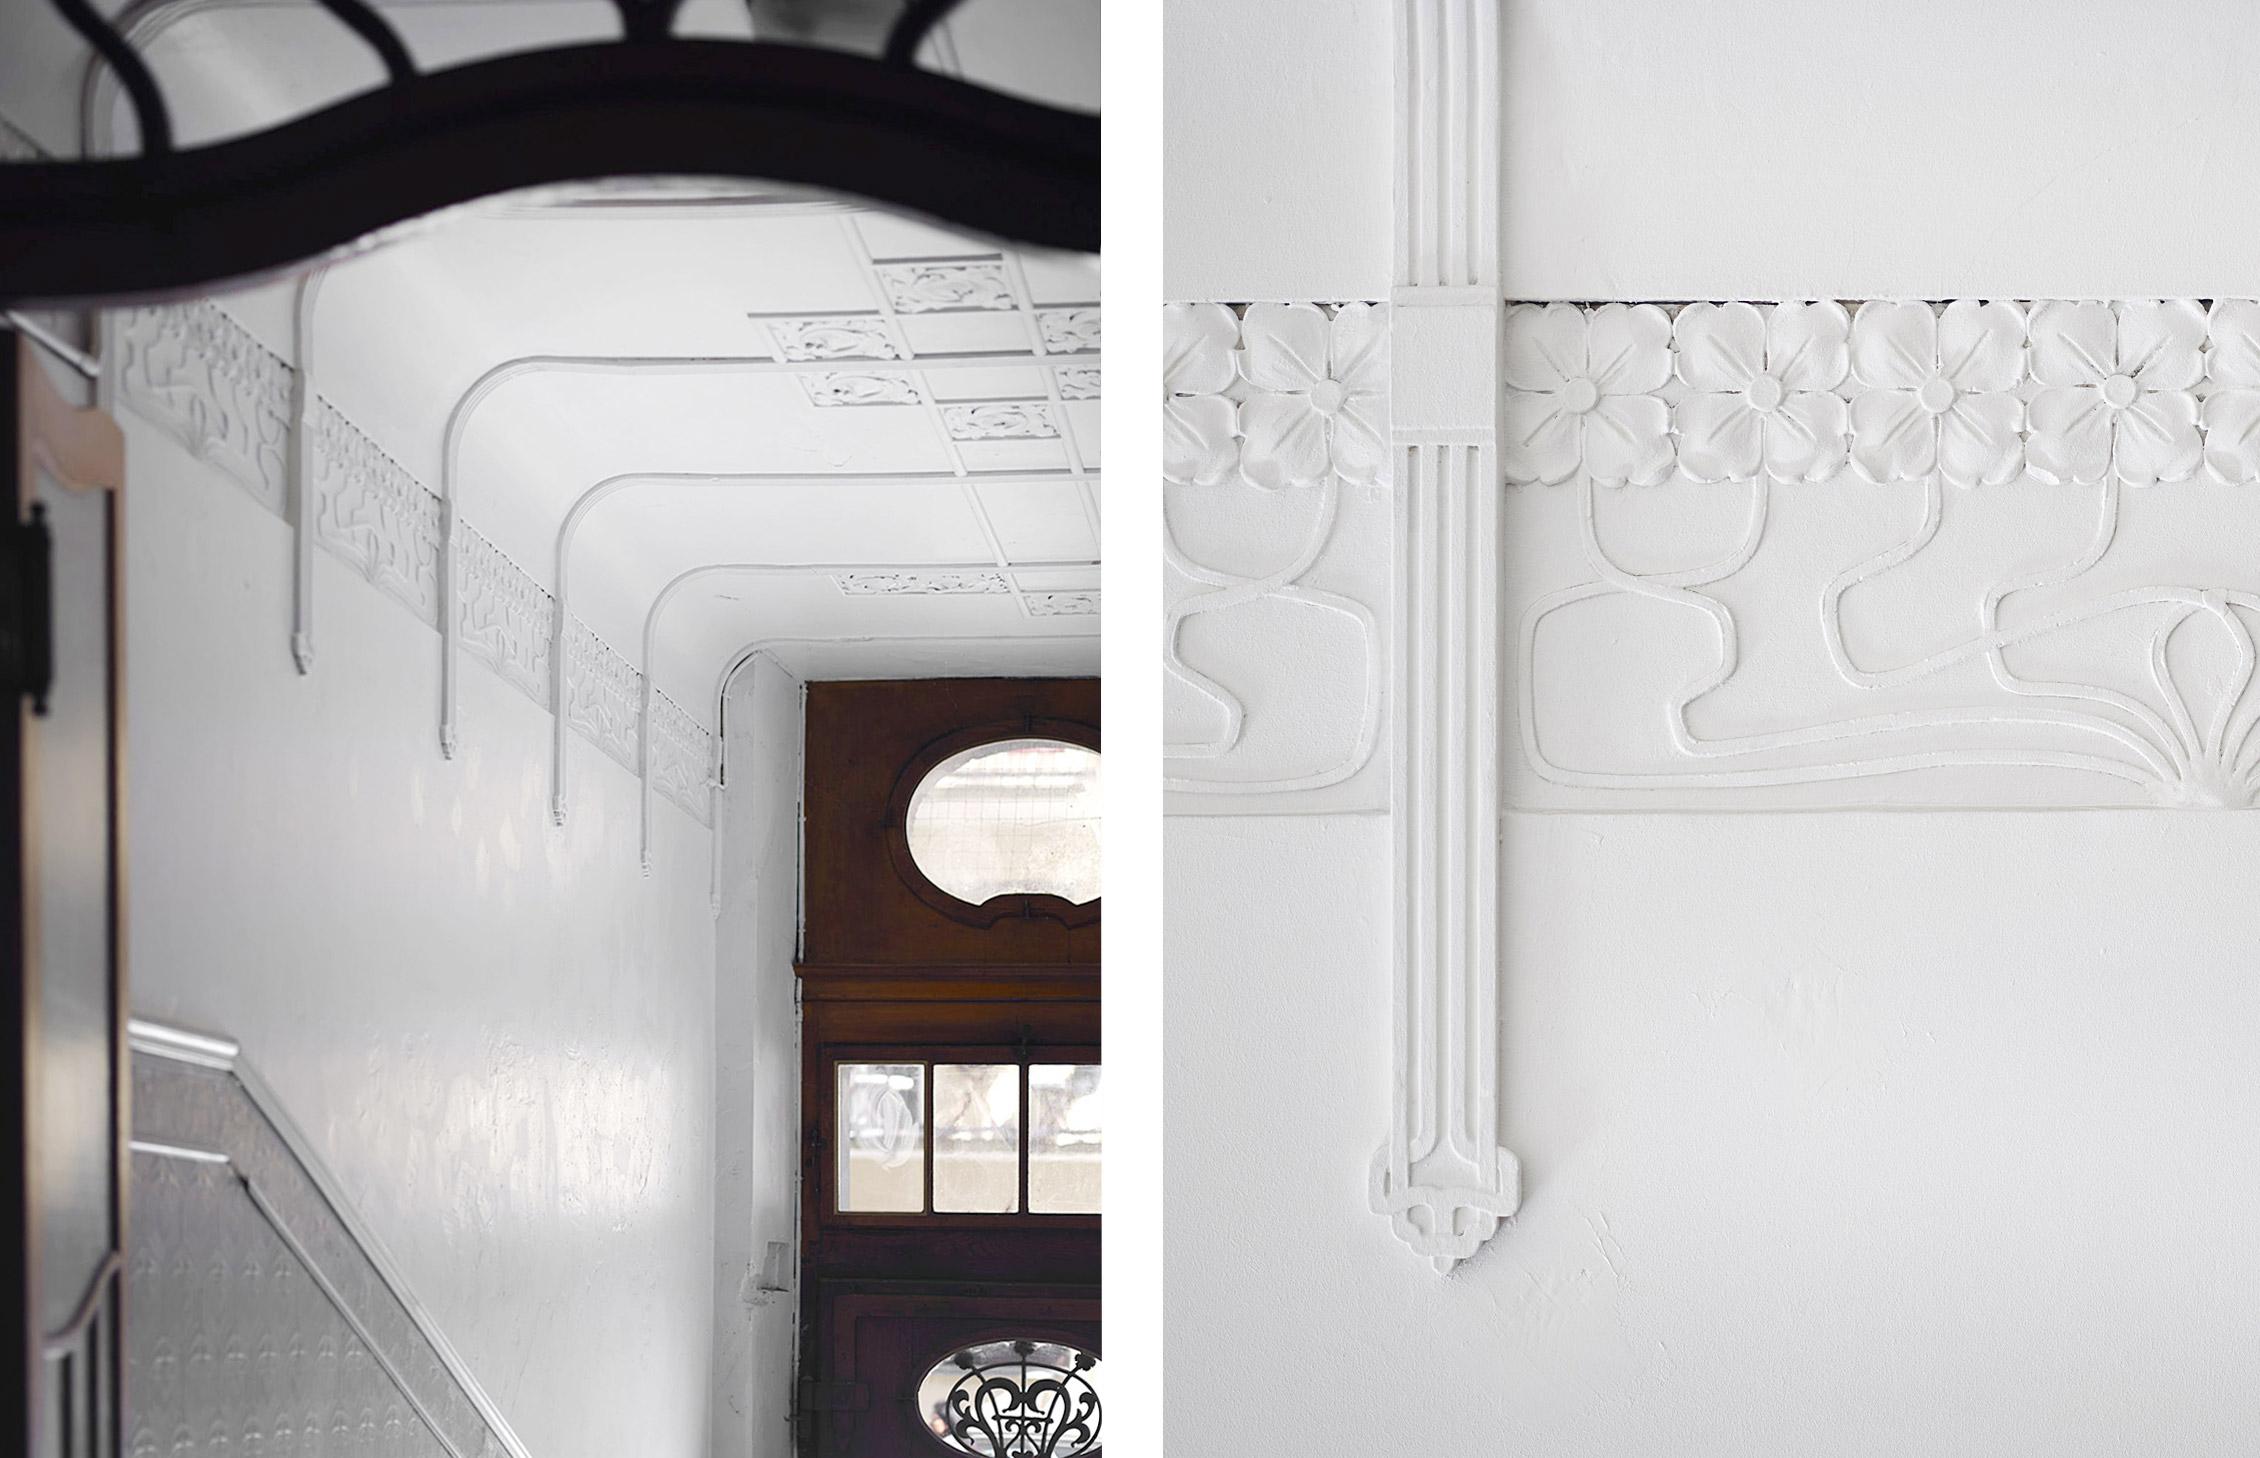 venuti-architects-21-11